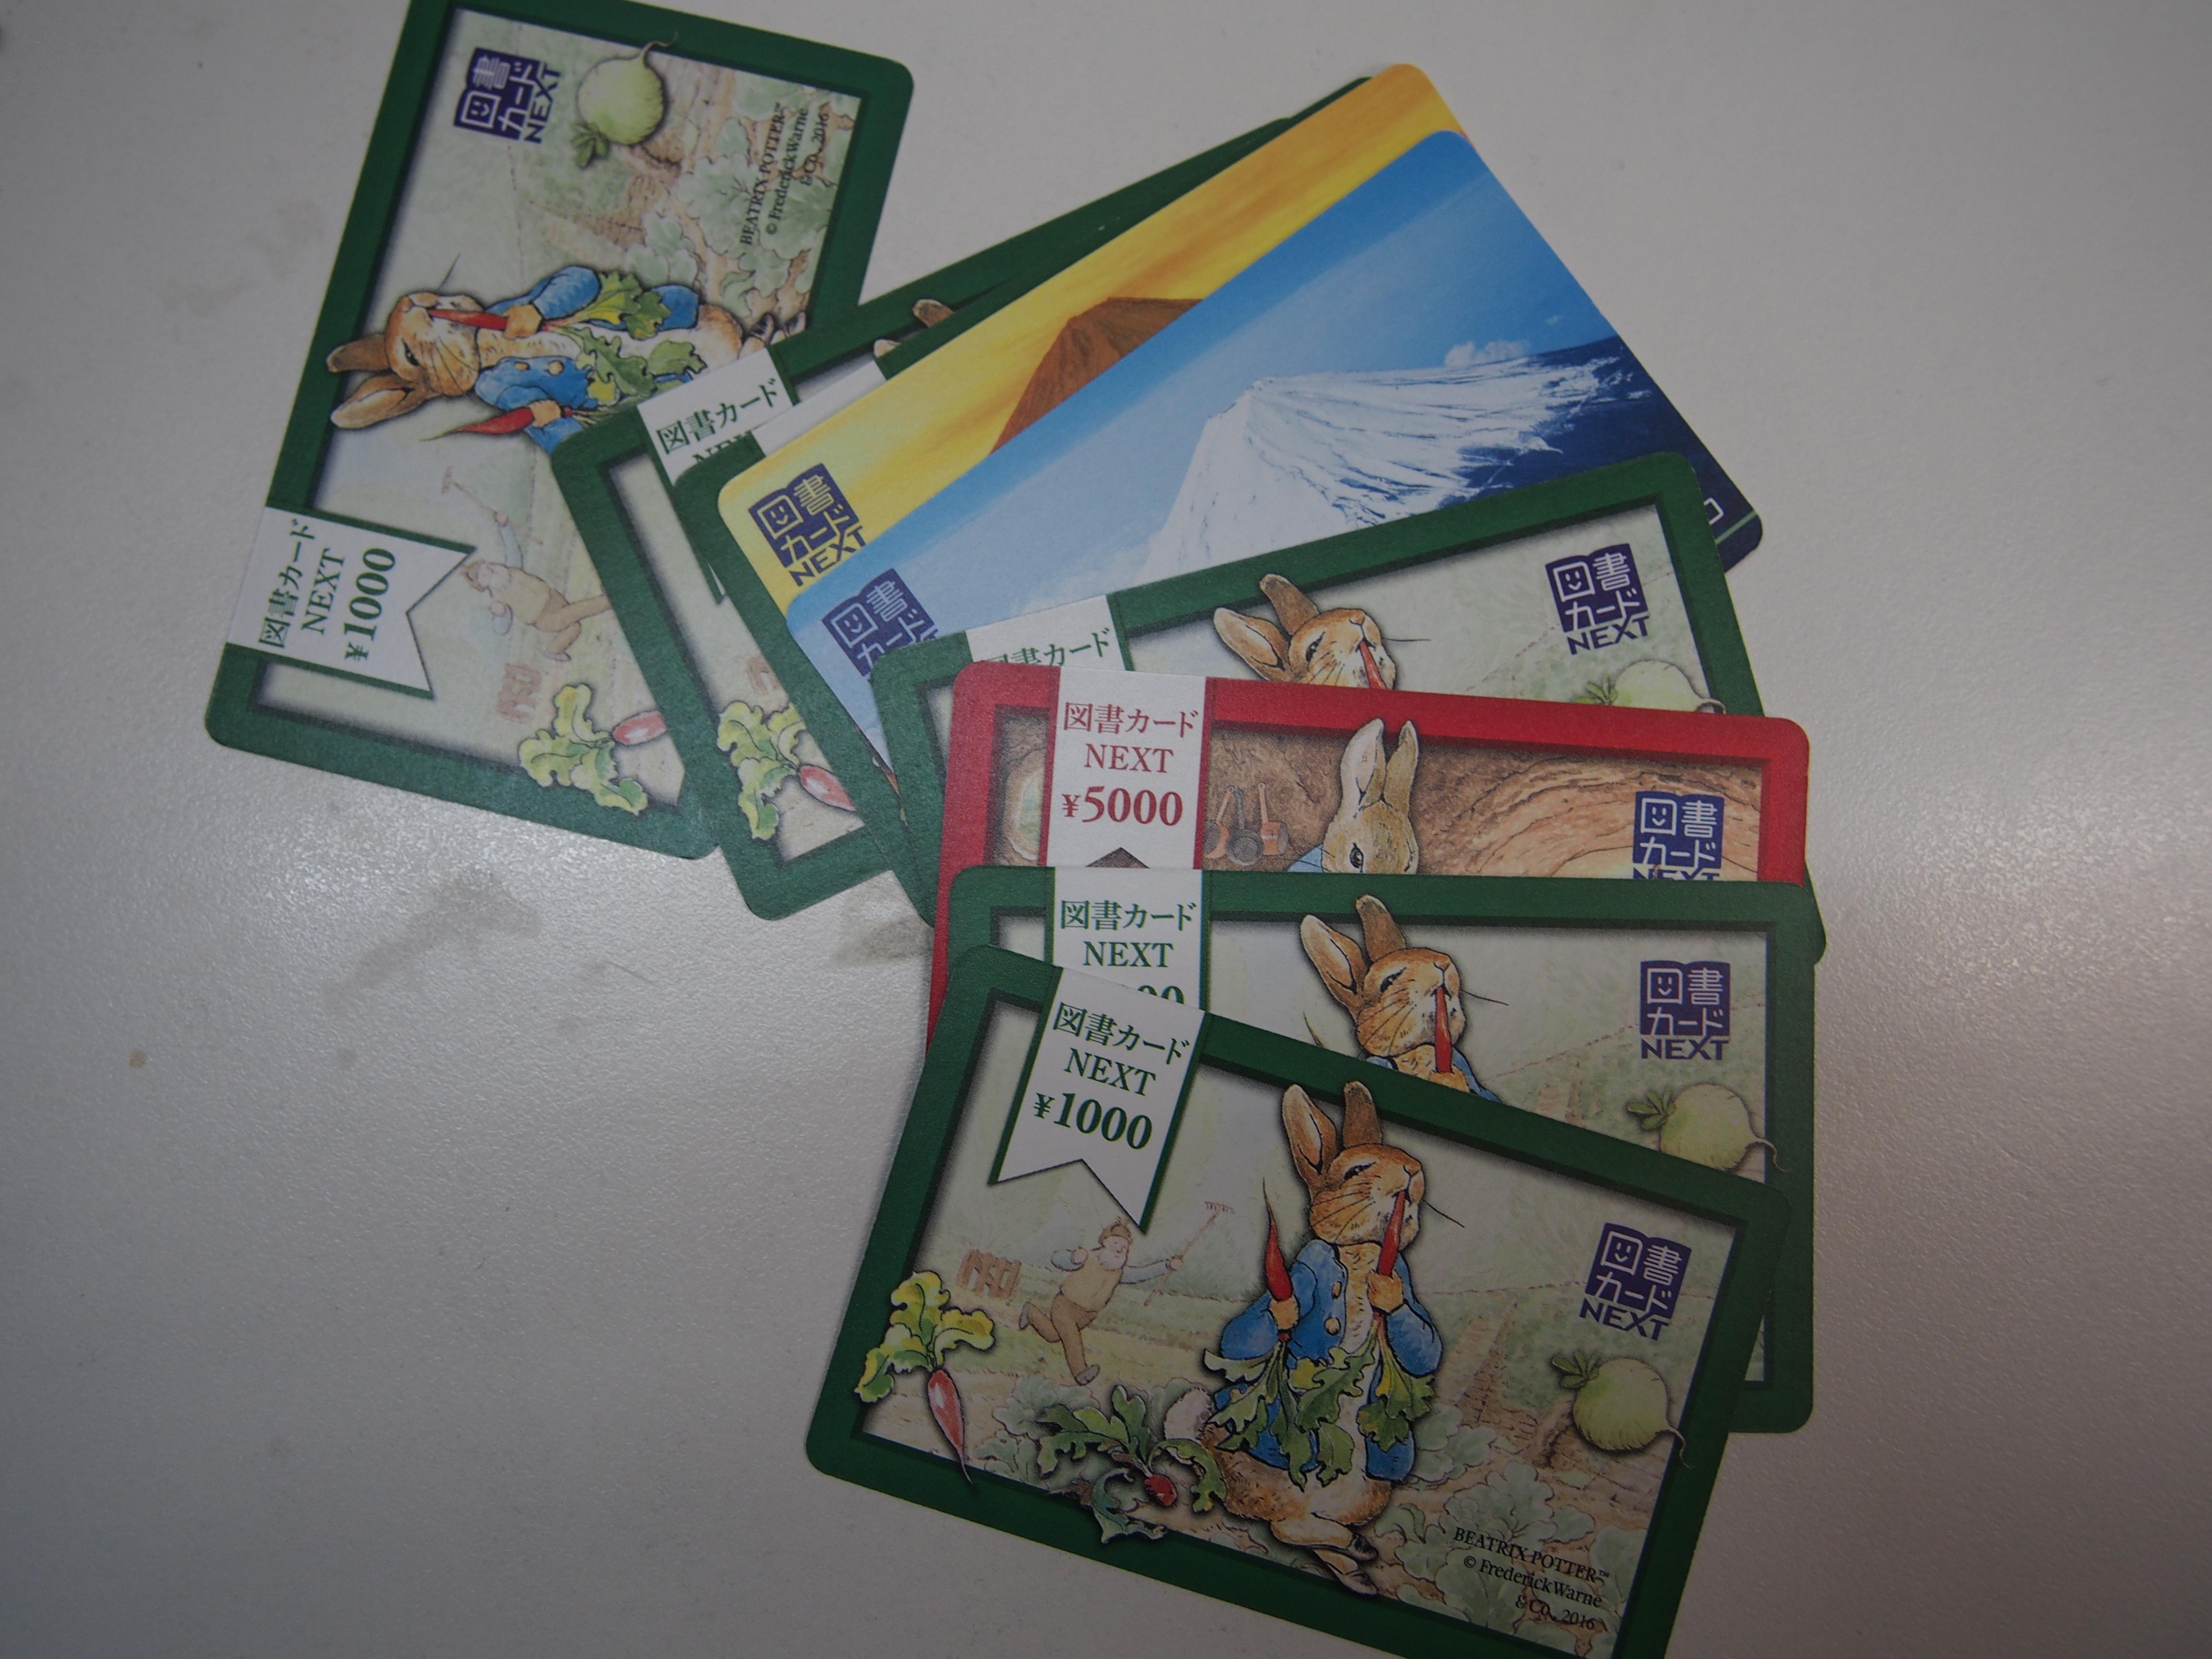 カード 期限 図書